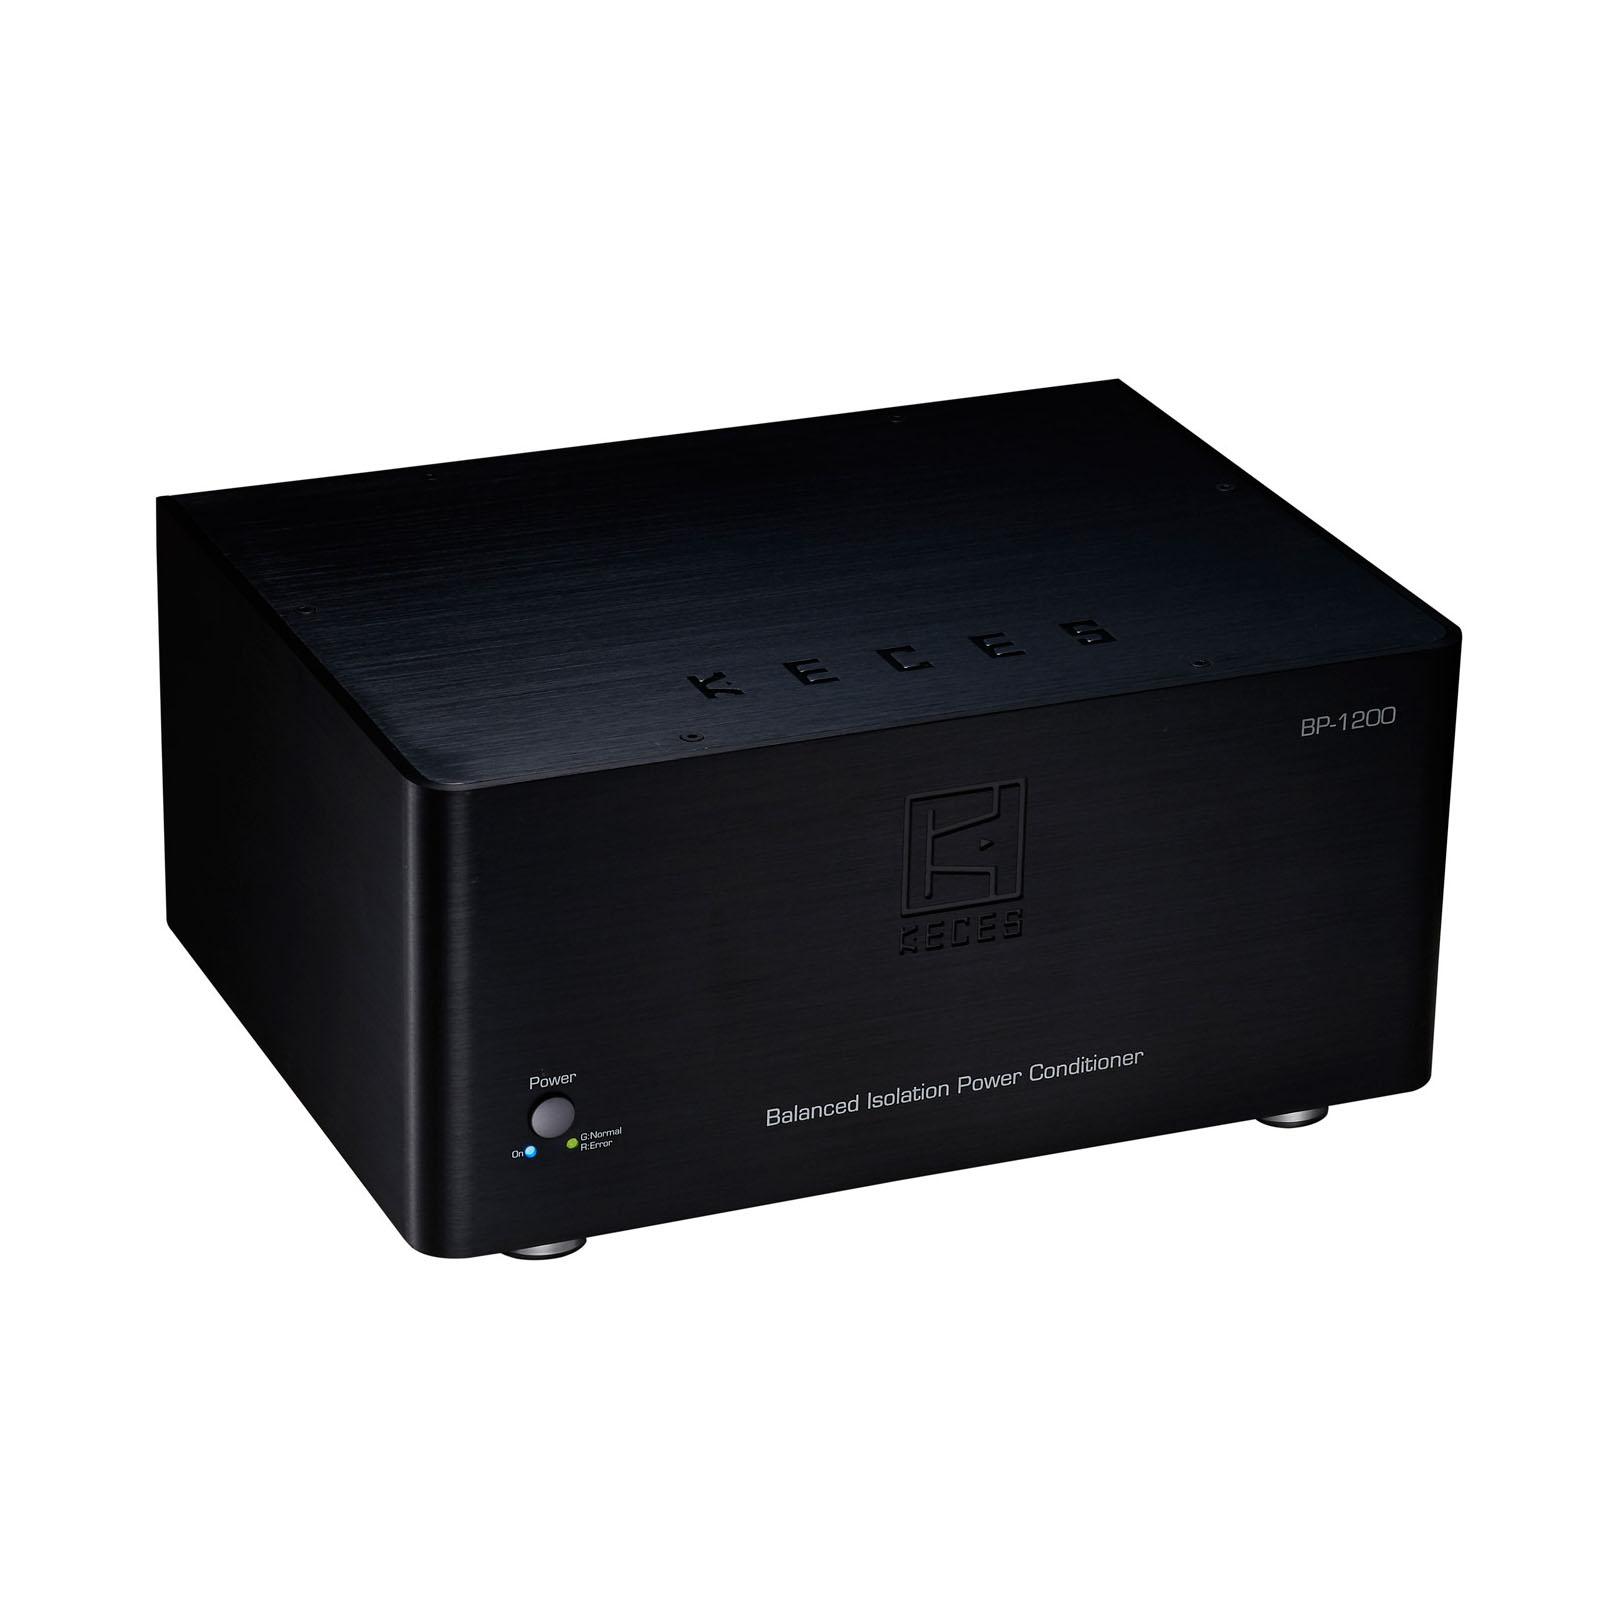 De Keces Audio BP1200 is de ideale aanvulling voor iemand die 4 apparaten wil aansluiten